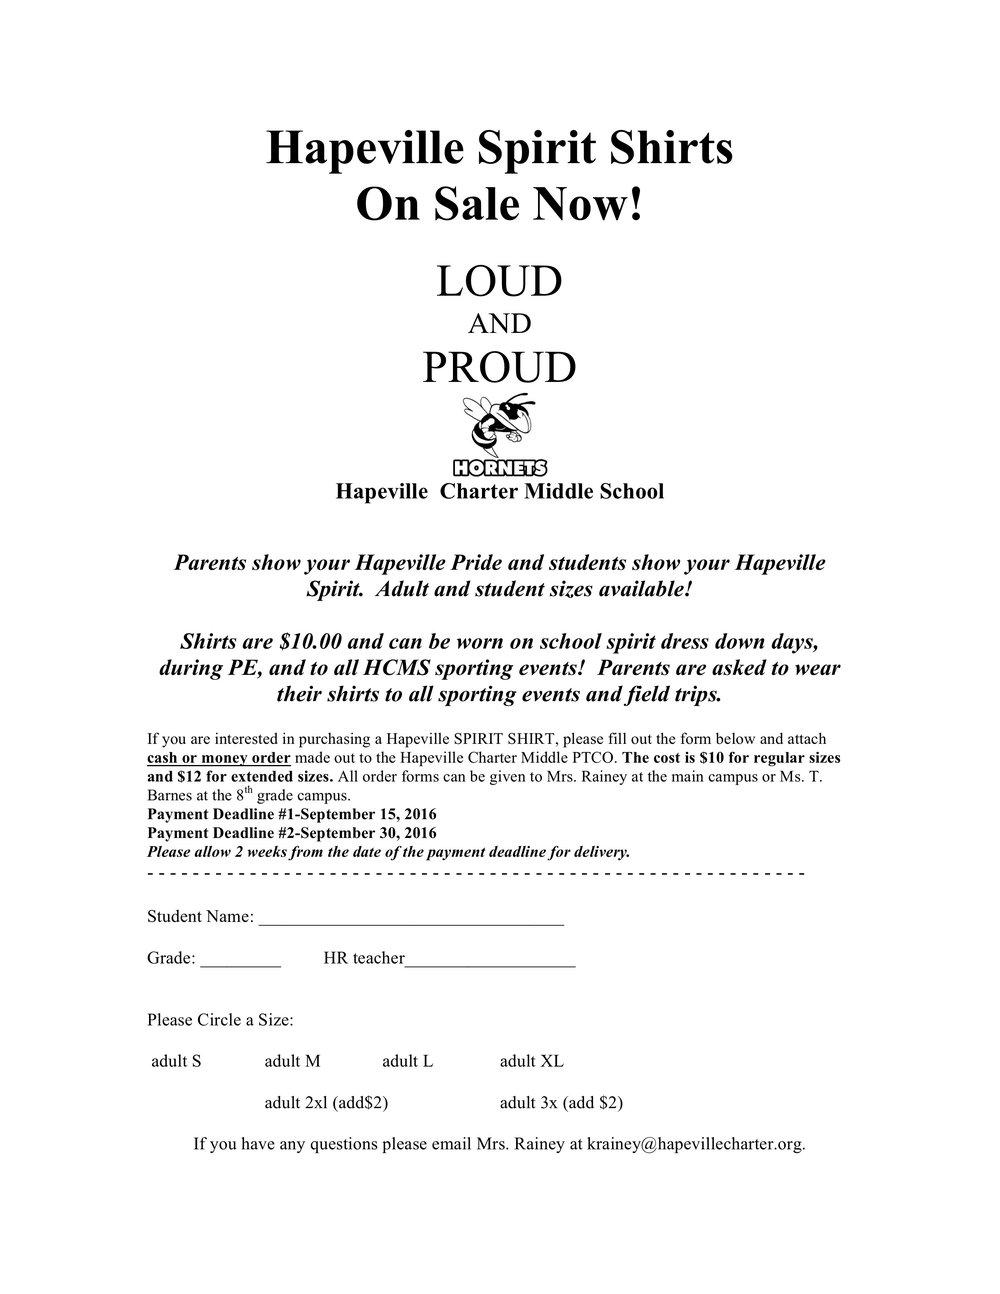 Newsletter Image6th Grade Newsletter 9-5-2016 7.jpeg